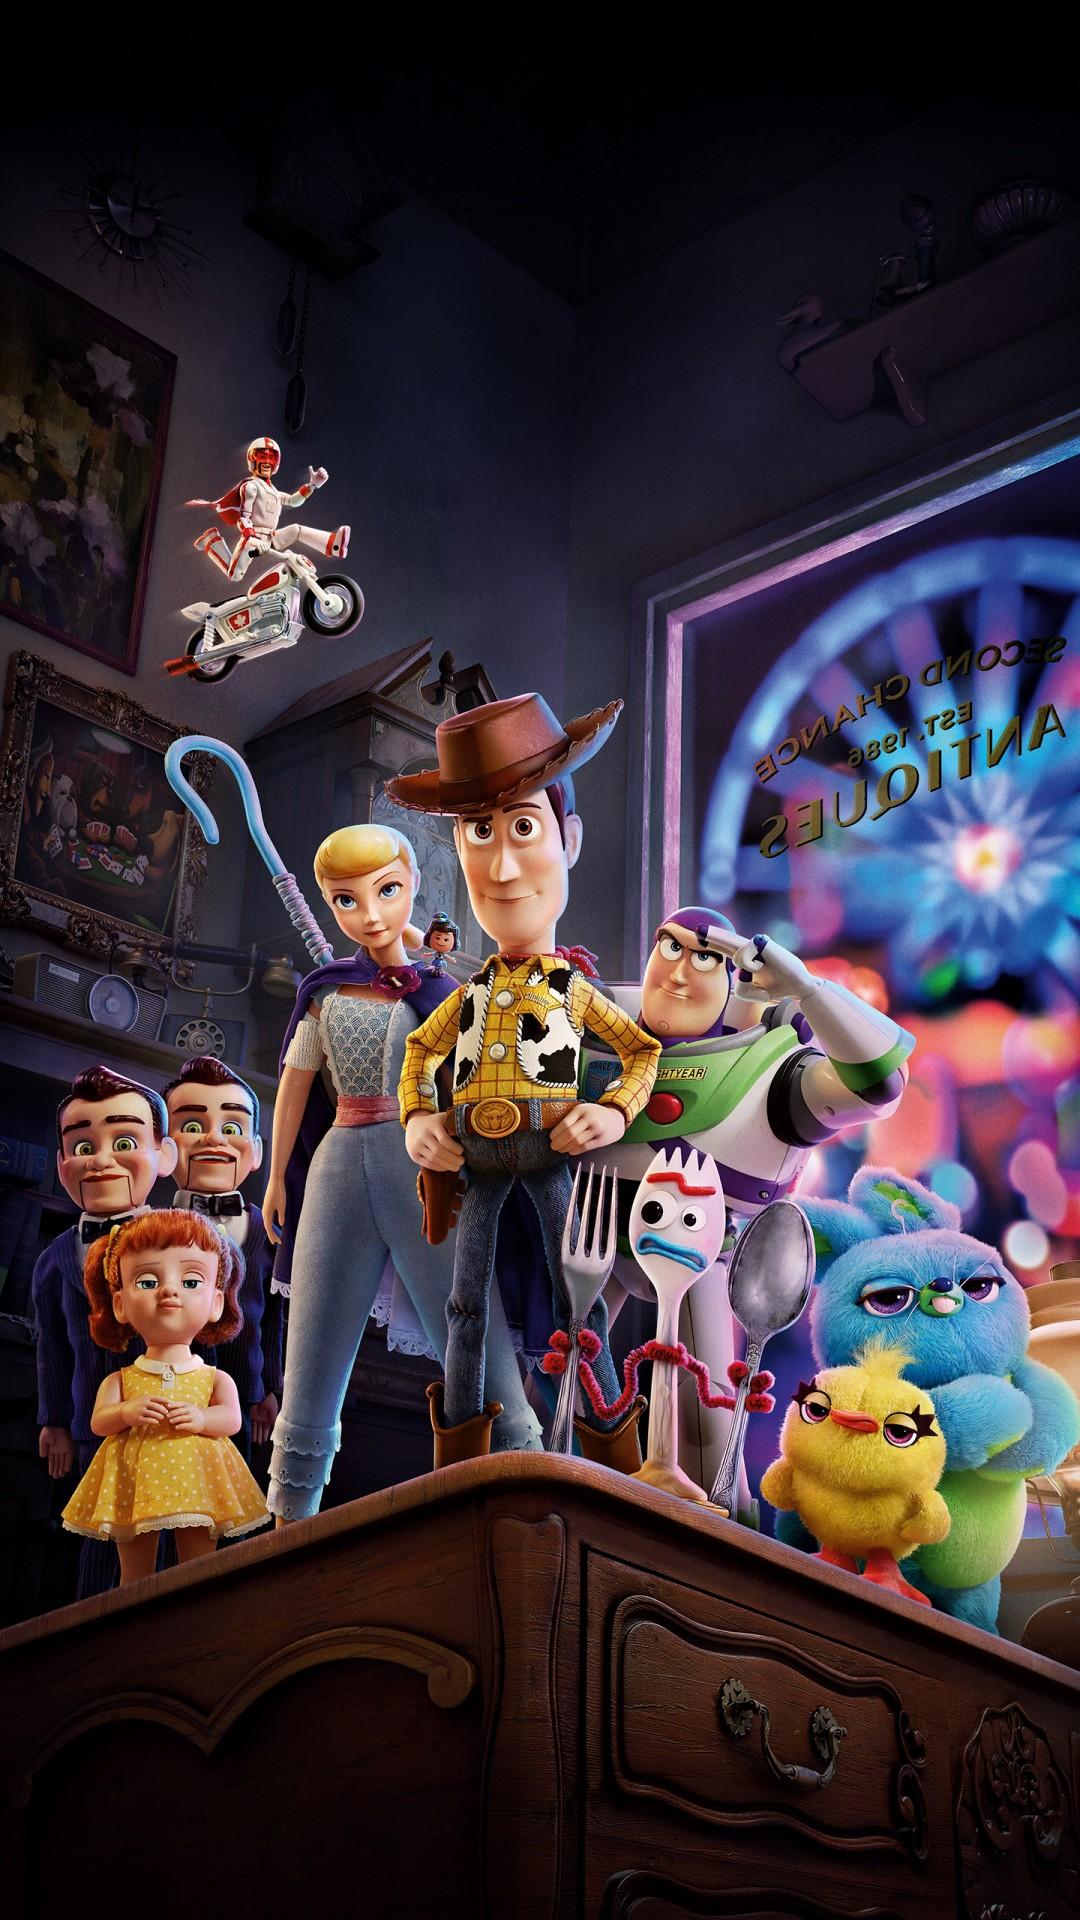 15 papeis de parede de Toy Story pro seu celular – Pausa